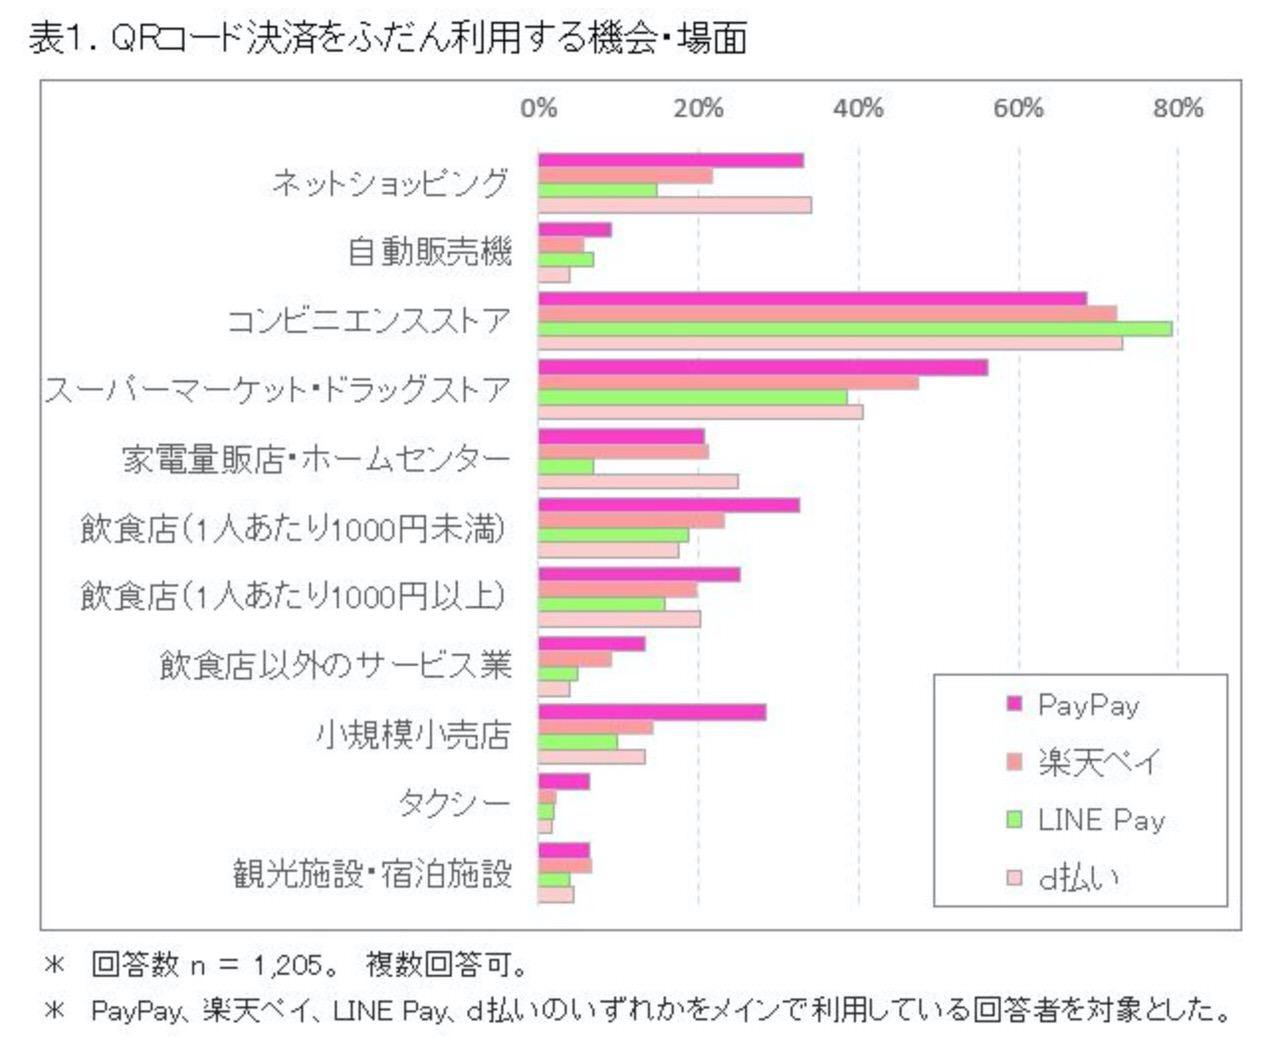 【ICT総研調査】QRコード決済の利用が多いのはコンビニ&利用可能店舗数が多いと思われているのはPayPay